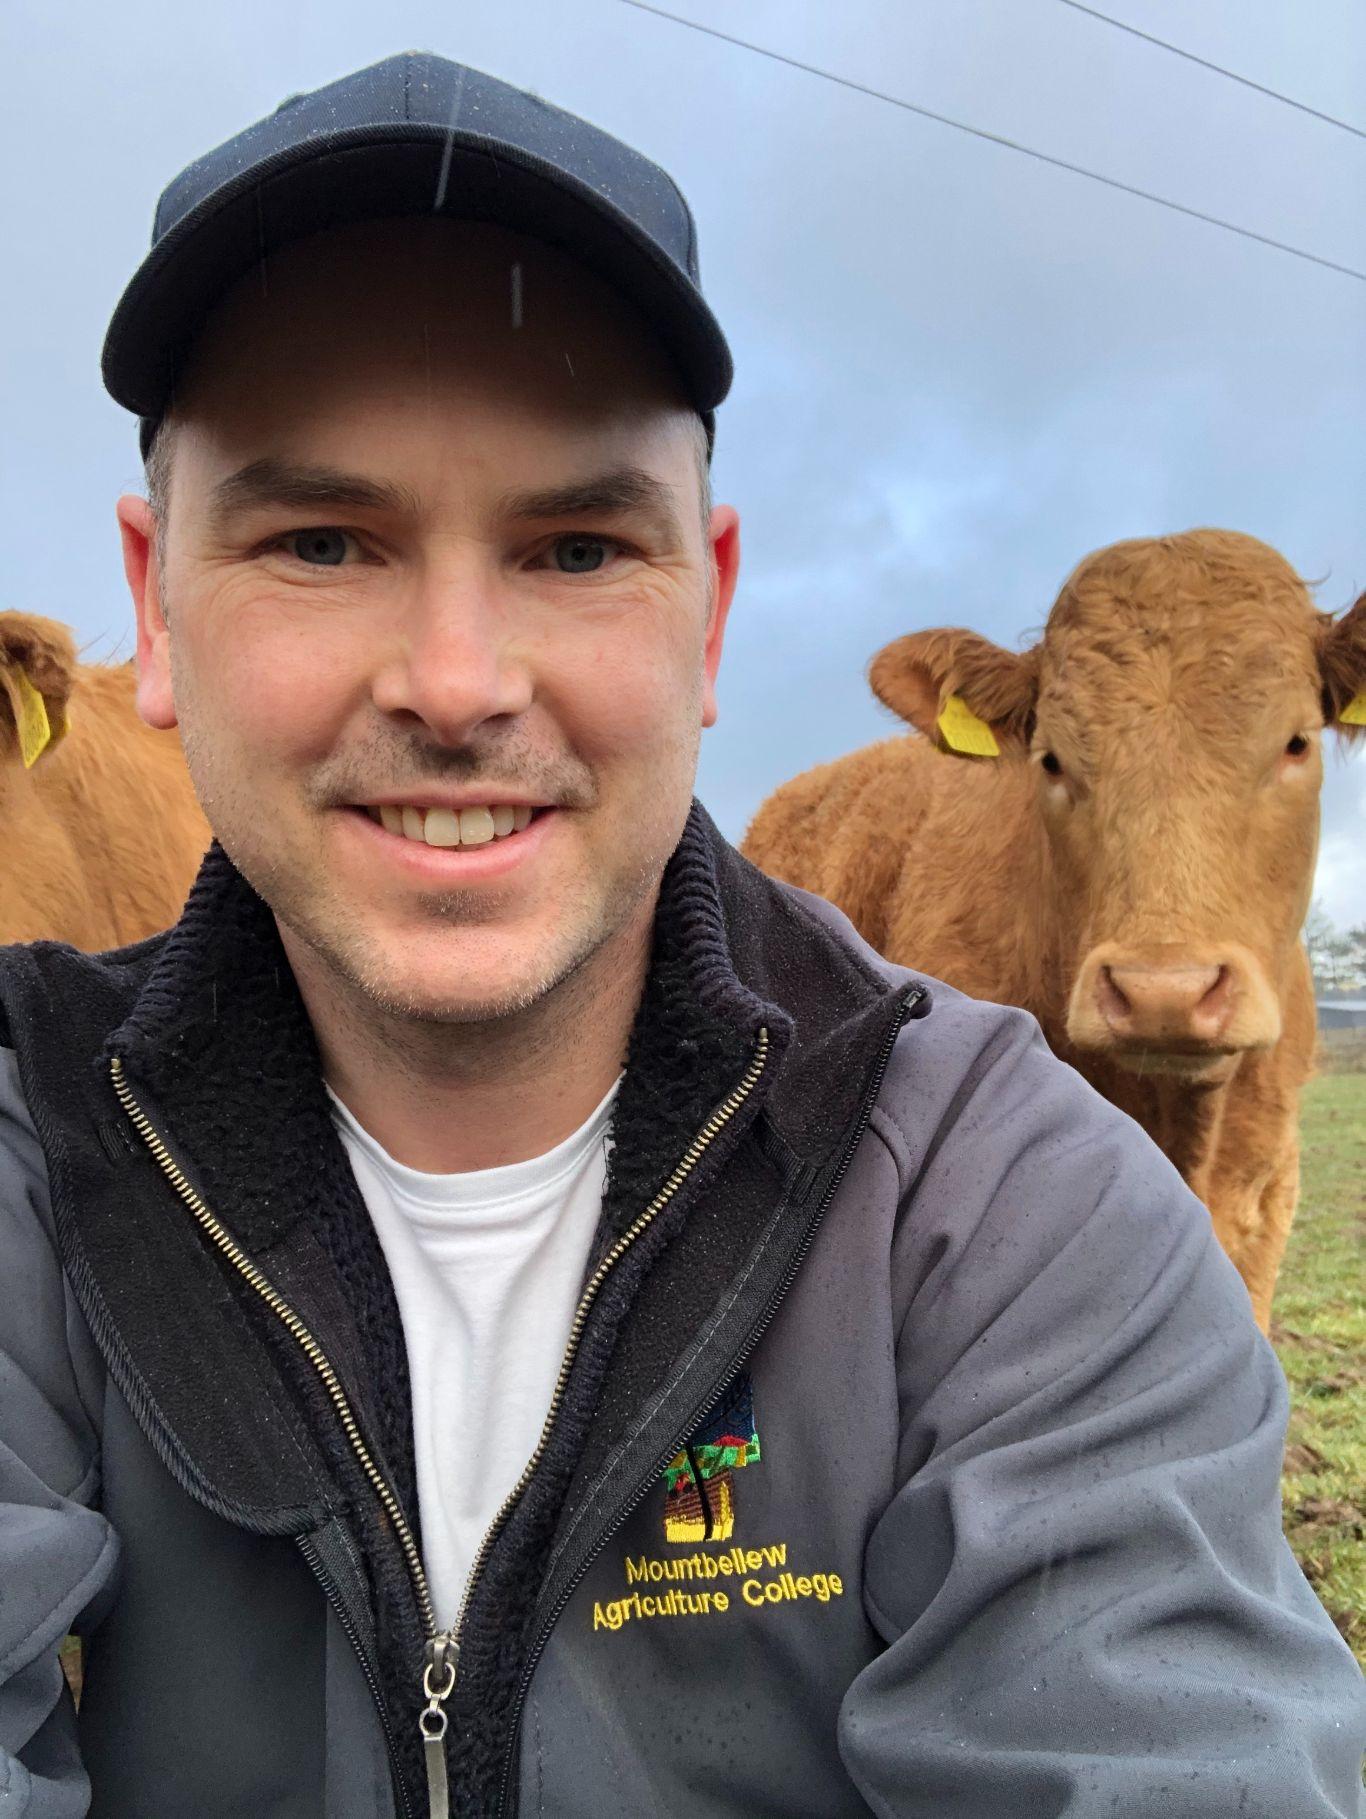 Enda Kennedy, suckler farming, farm safety, dairy farming news